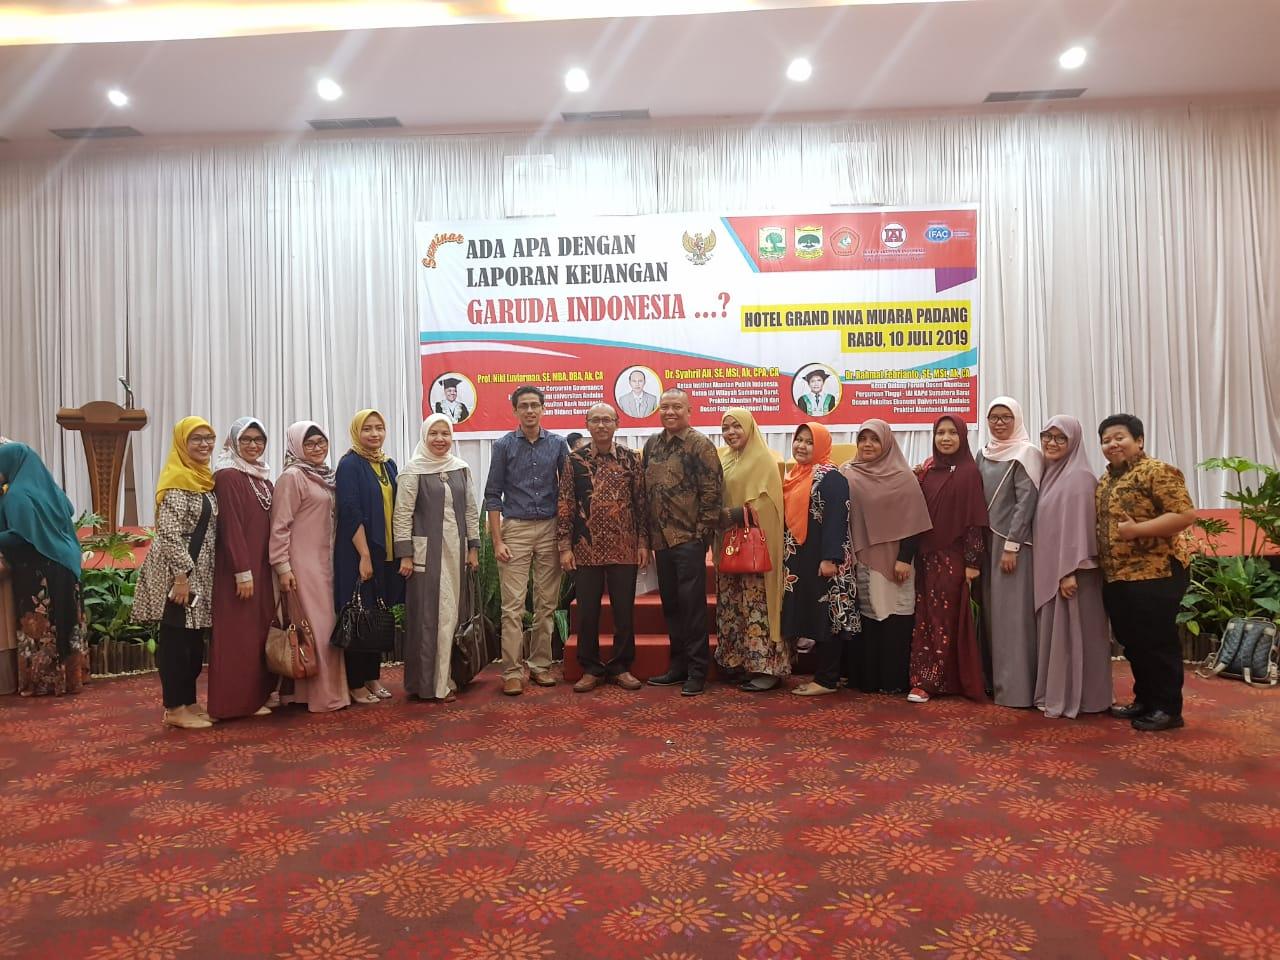 """Seminar """" Ada Apa dengan Laporan Keuangan Garuda Indonesia ?"""""""